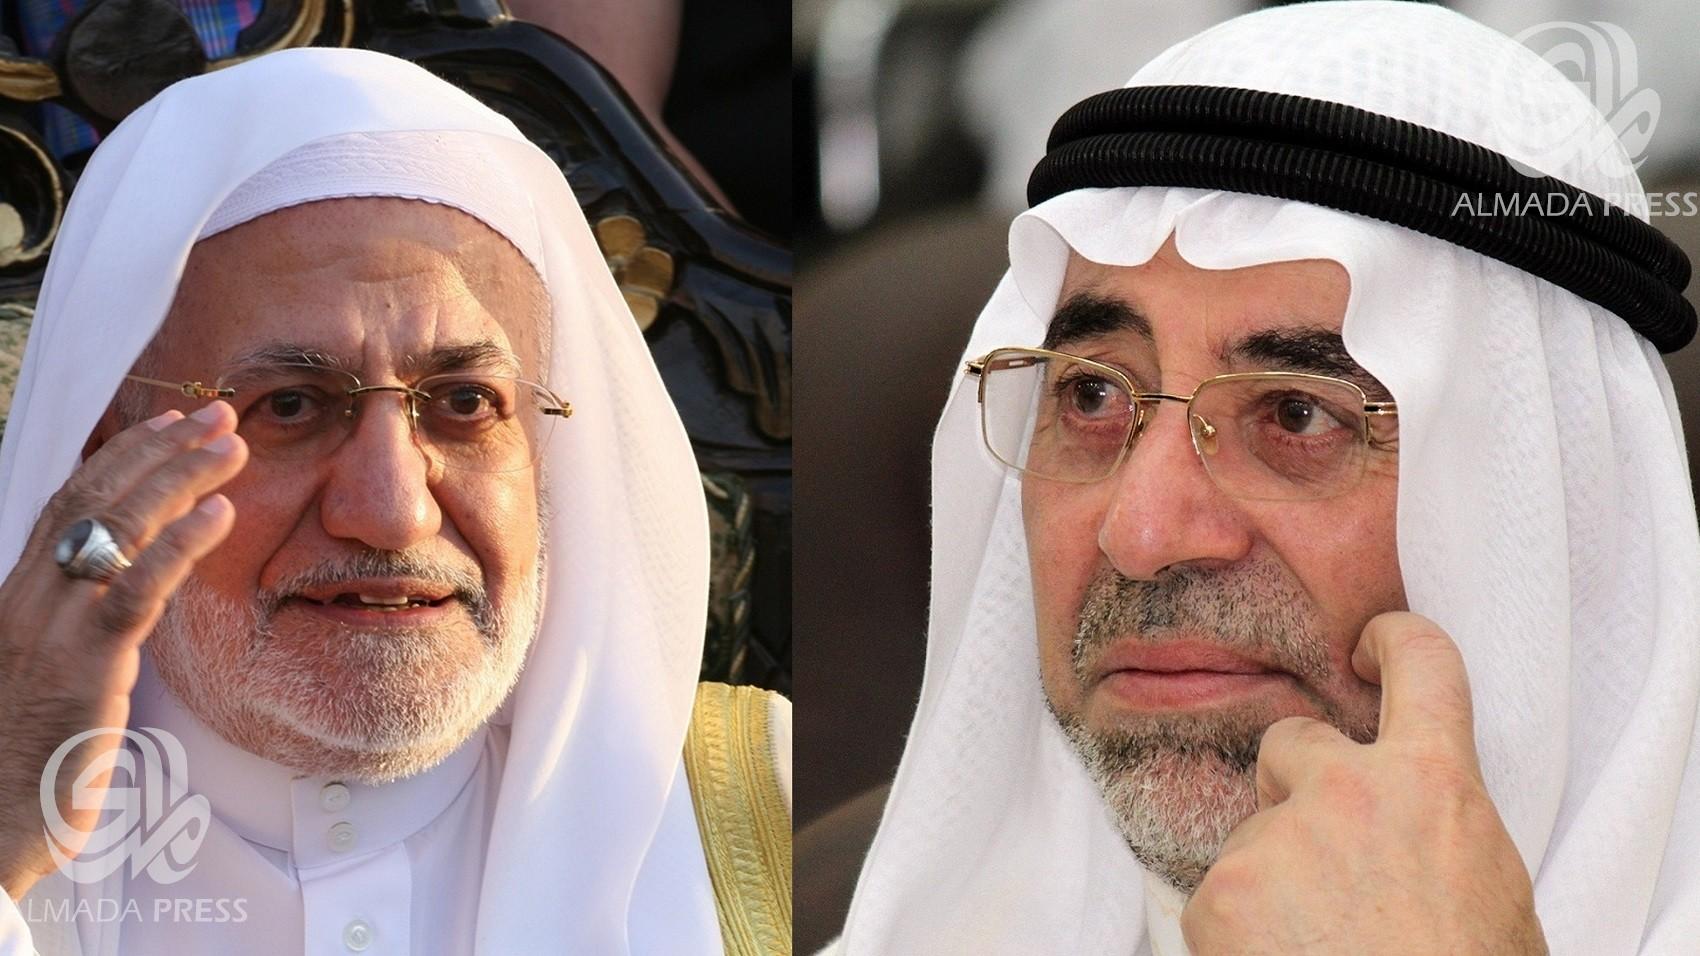 الوقفان الشيعي والسني يطلقان مبادرة لحل الازمة